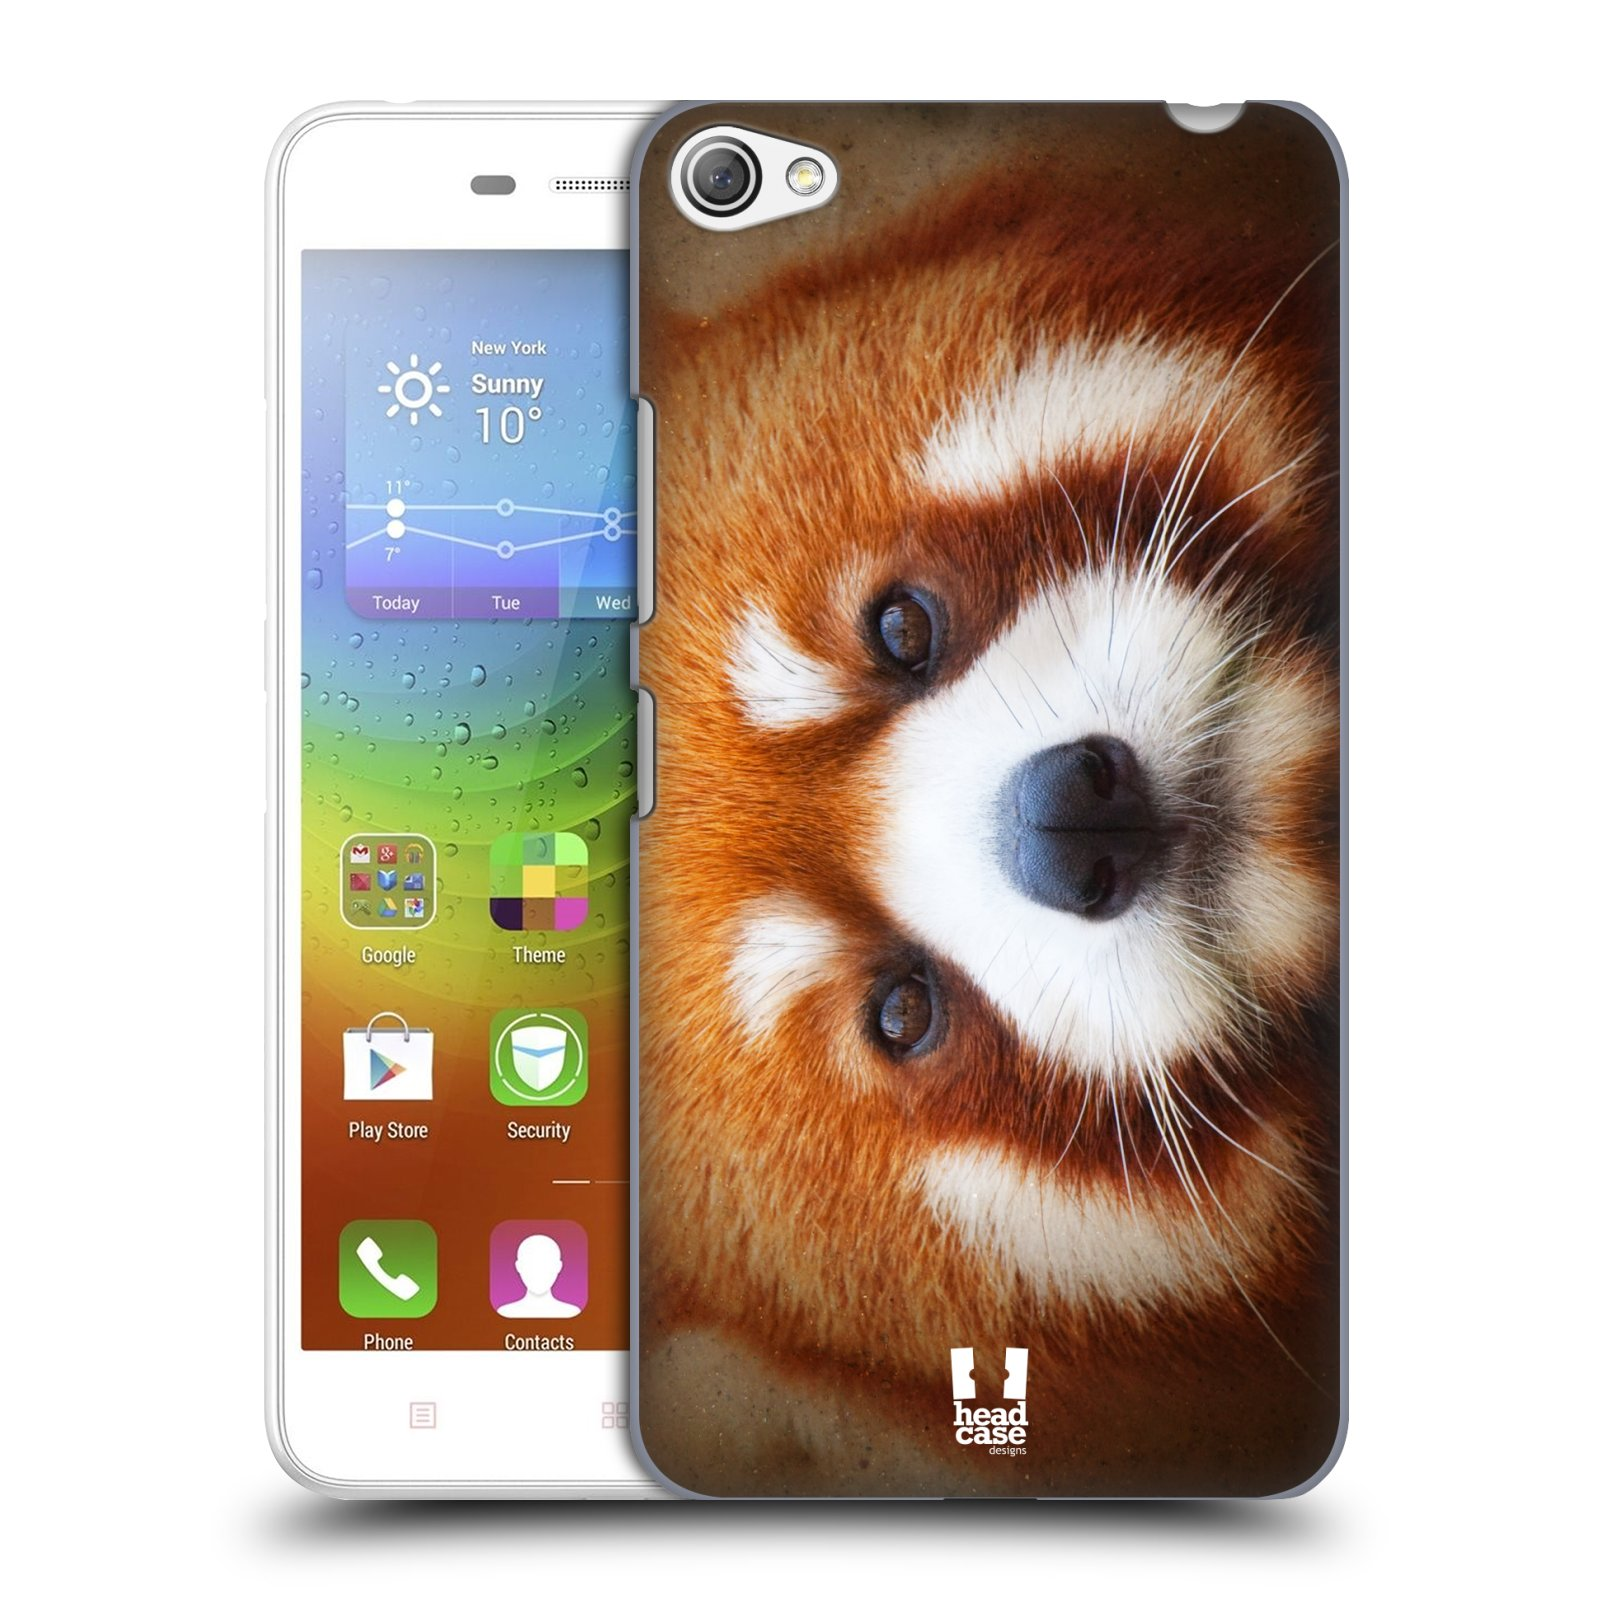 HEAD CASE pevný plastový obal na mobil LENOVO S60 / LENOVO S60 DUAL SIM vzor Zvířecí tváře 2 medvěd panda rudá